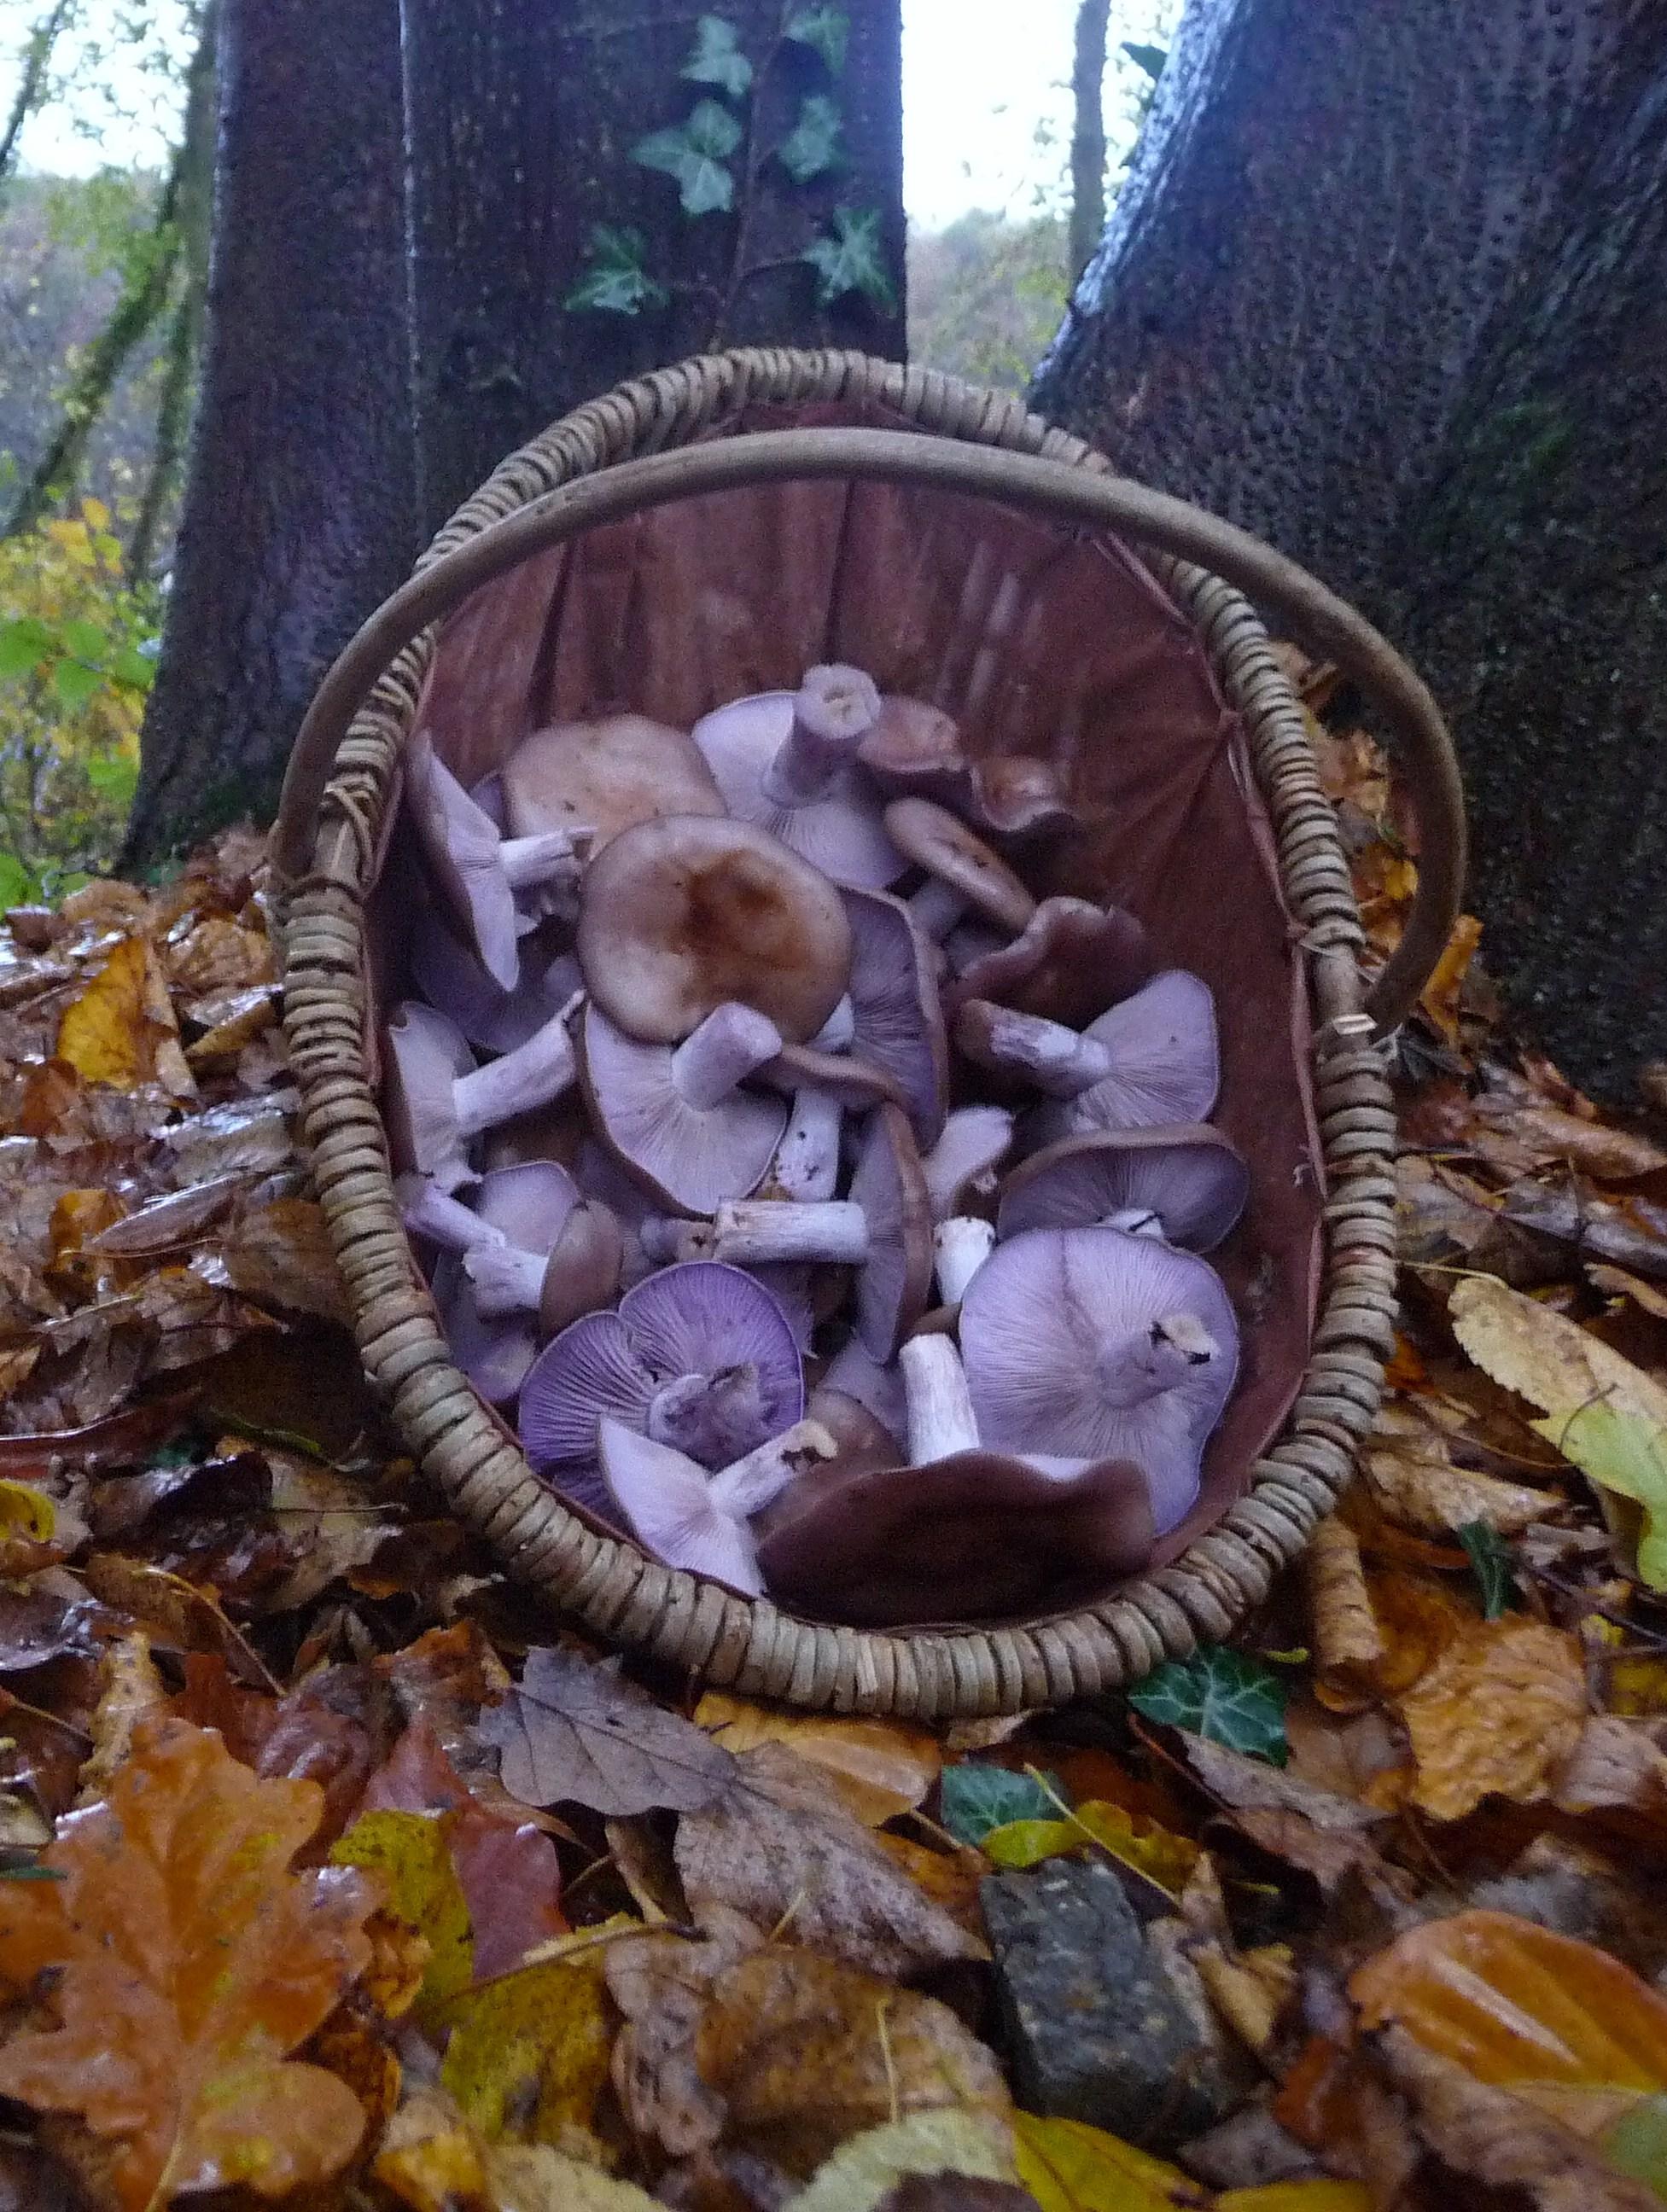 Comment Nettoyer Les Champignons Pieds Bleus : comment, nettoyer, champignons, pieds, bleus, Champignons, D'automne…, Pieds, Bleus, Quelques, Cailloux, Ruette...